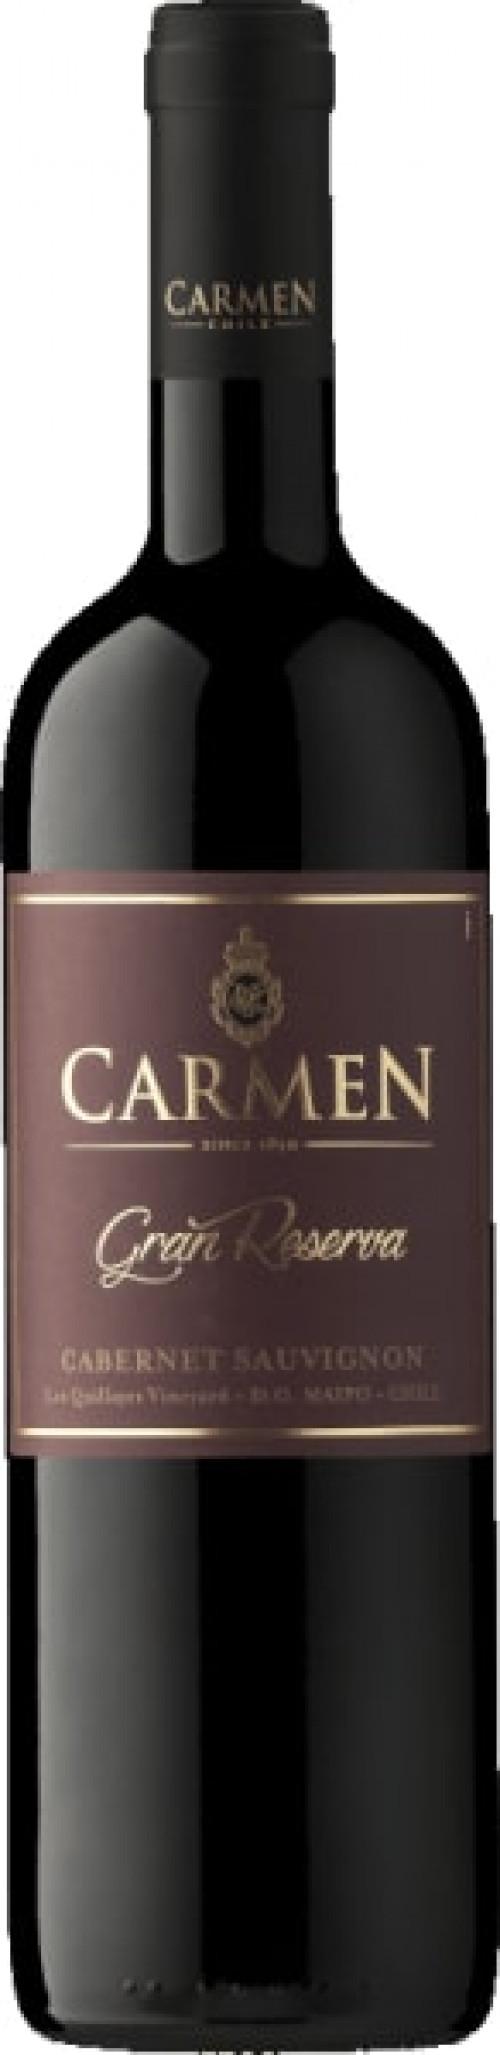 2016 Carmen Gran Reserva Cabernet Sauvignon 750ml